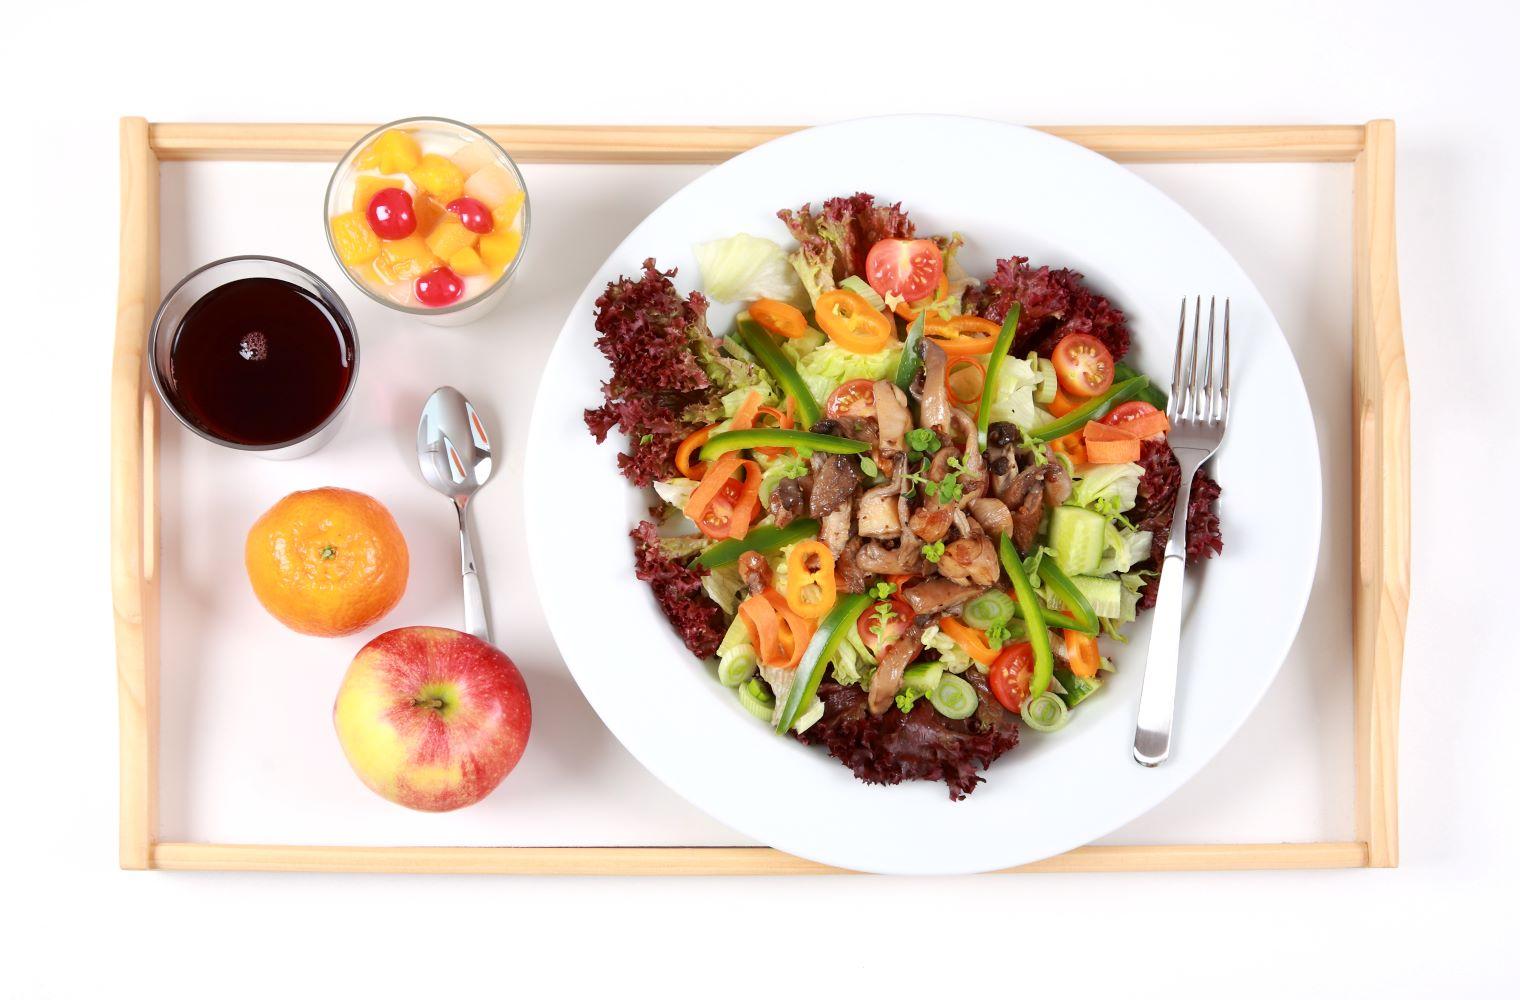 Preparaty z kategorii zdrowa żywność